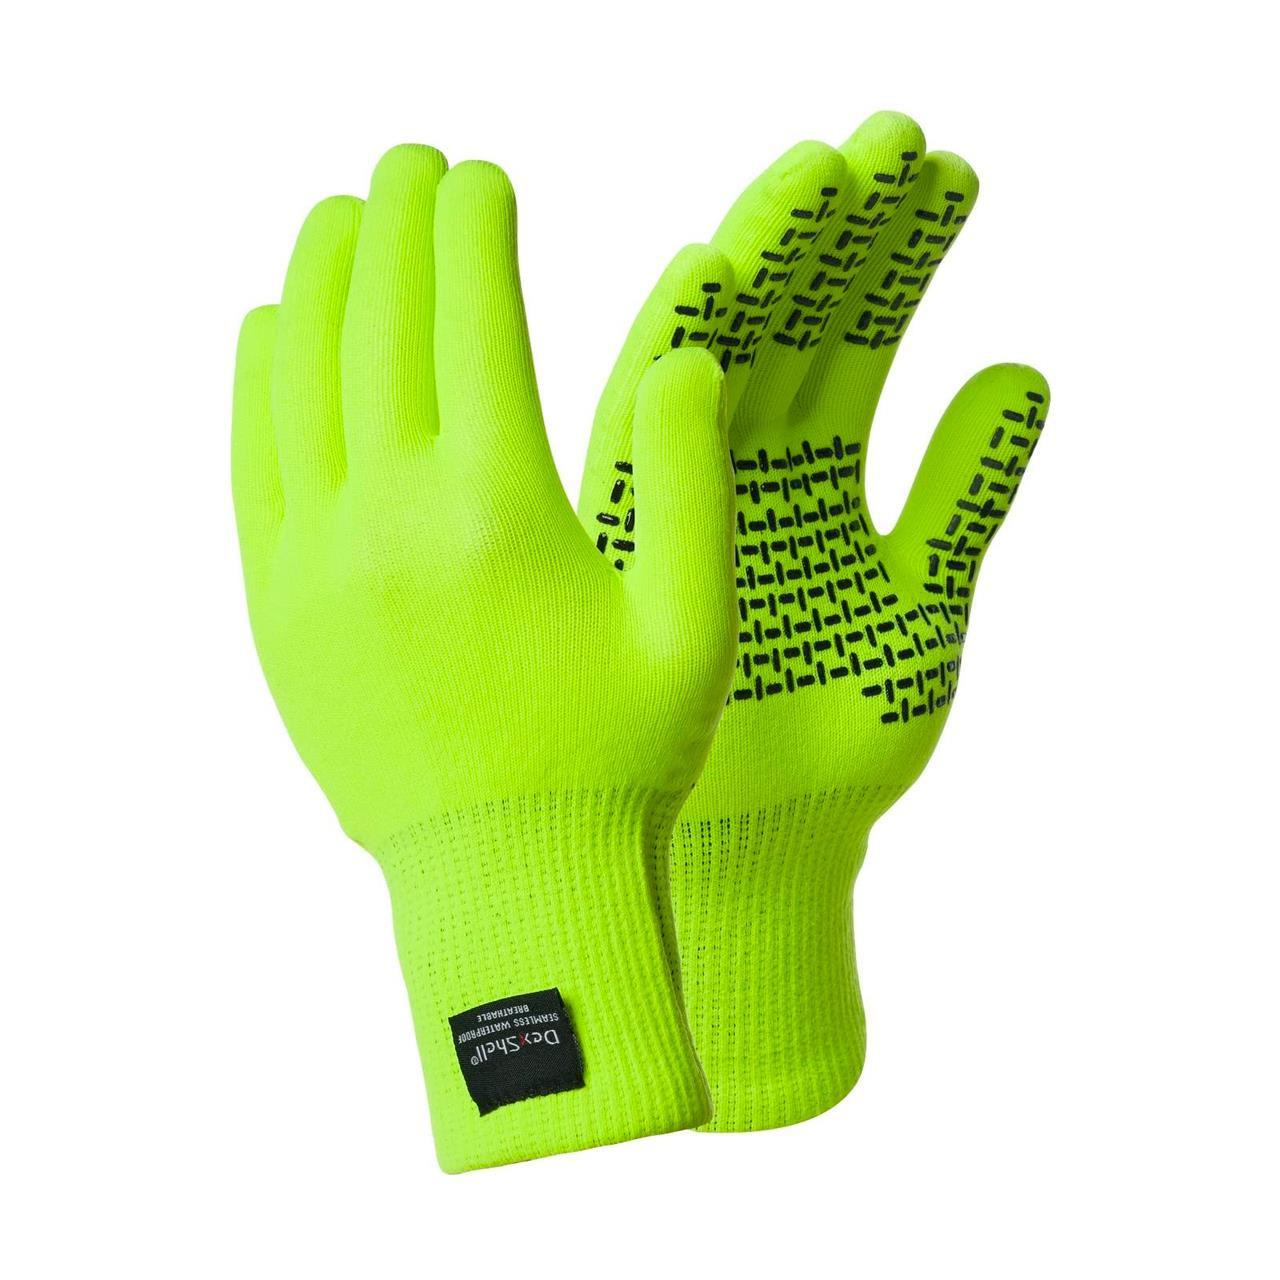 Dexshell Touchfit Waterproof & Breathable Gloves (Hi-Vis, Large)